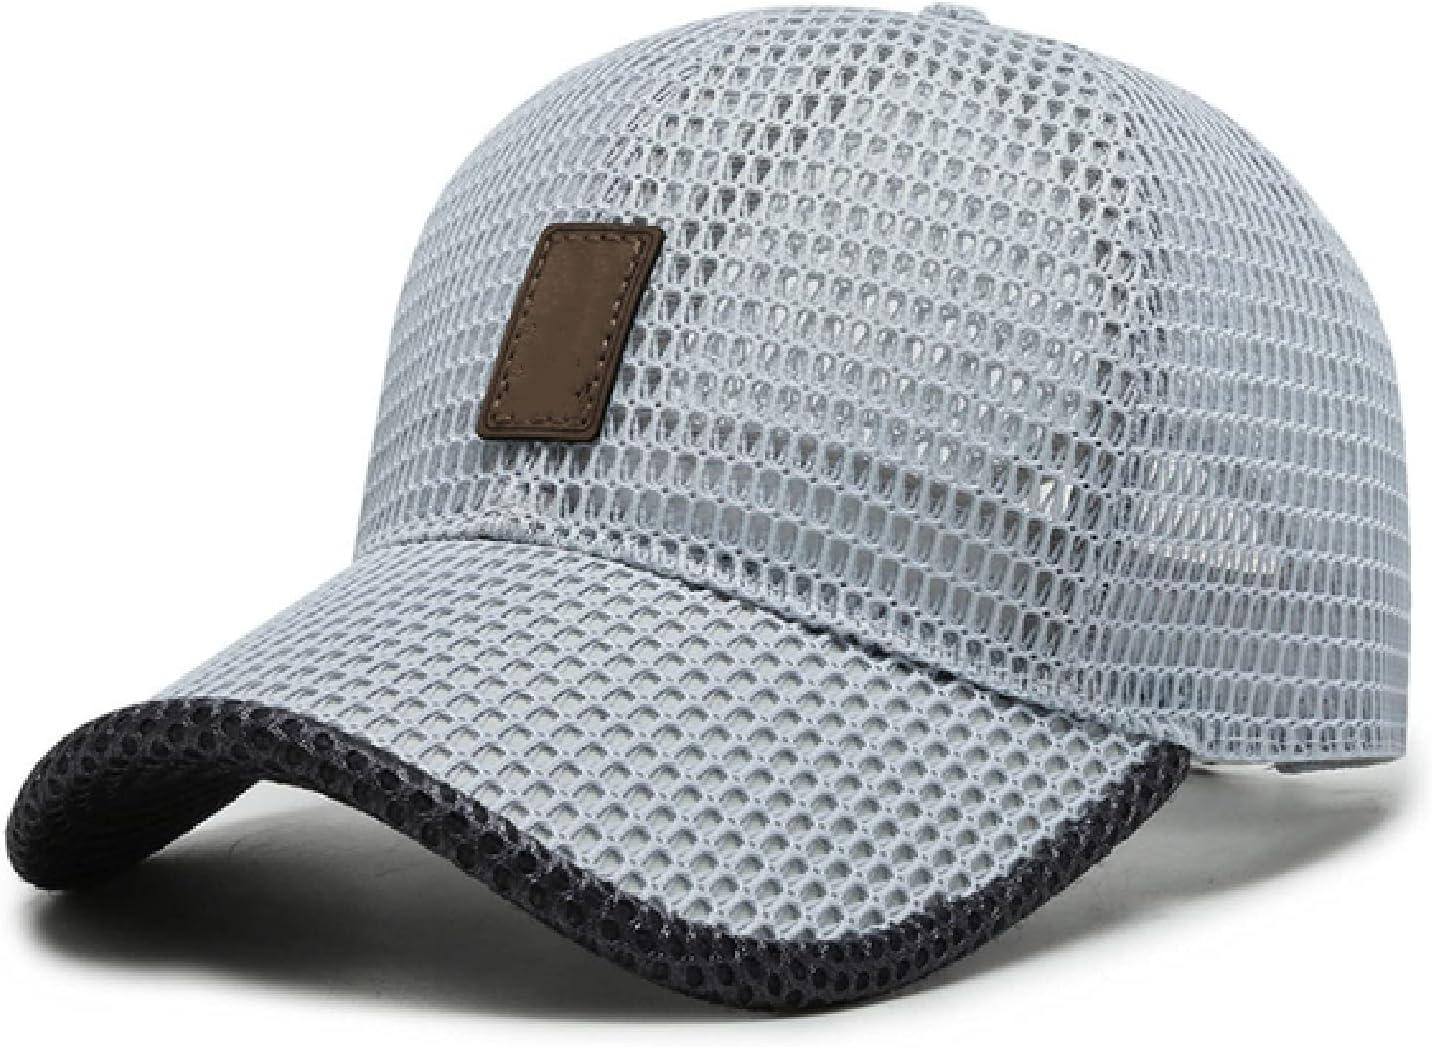 Summer Outdoor Casual Baseball Cap, Exhaust Summer Men and Women Mesh Baseball hat (Light Gray)